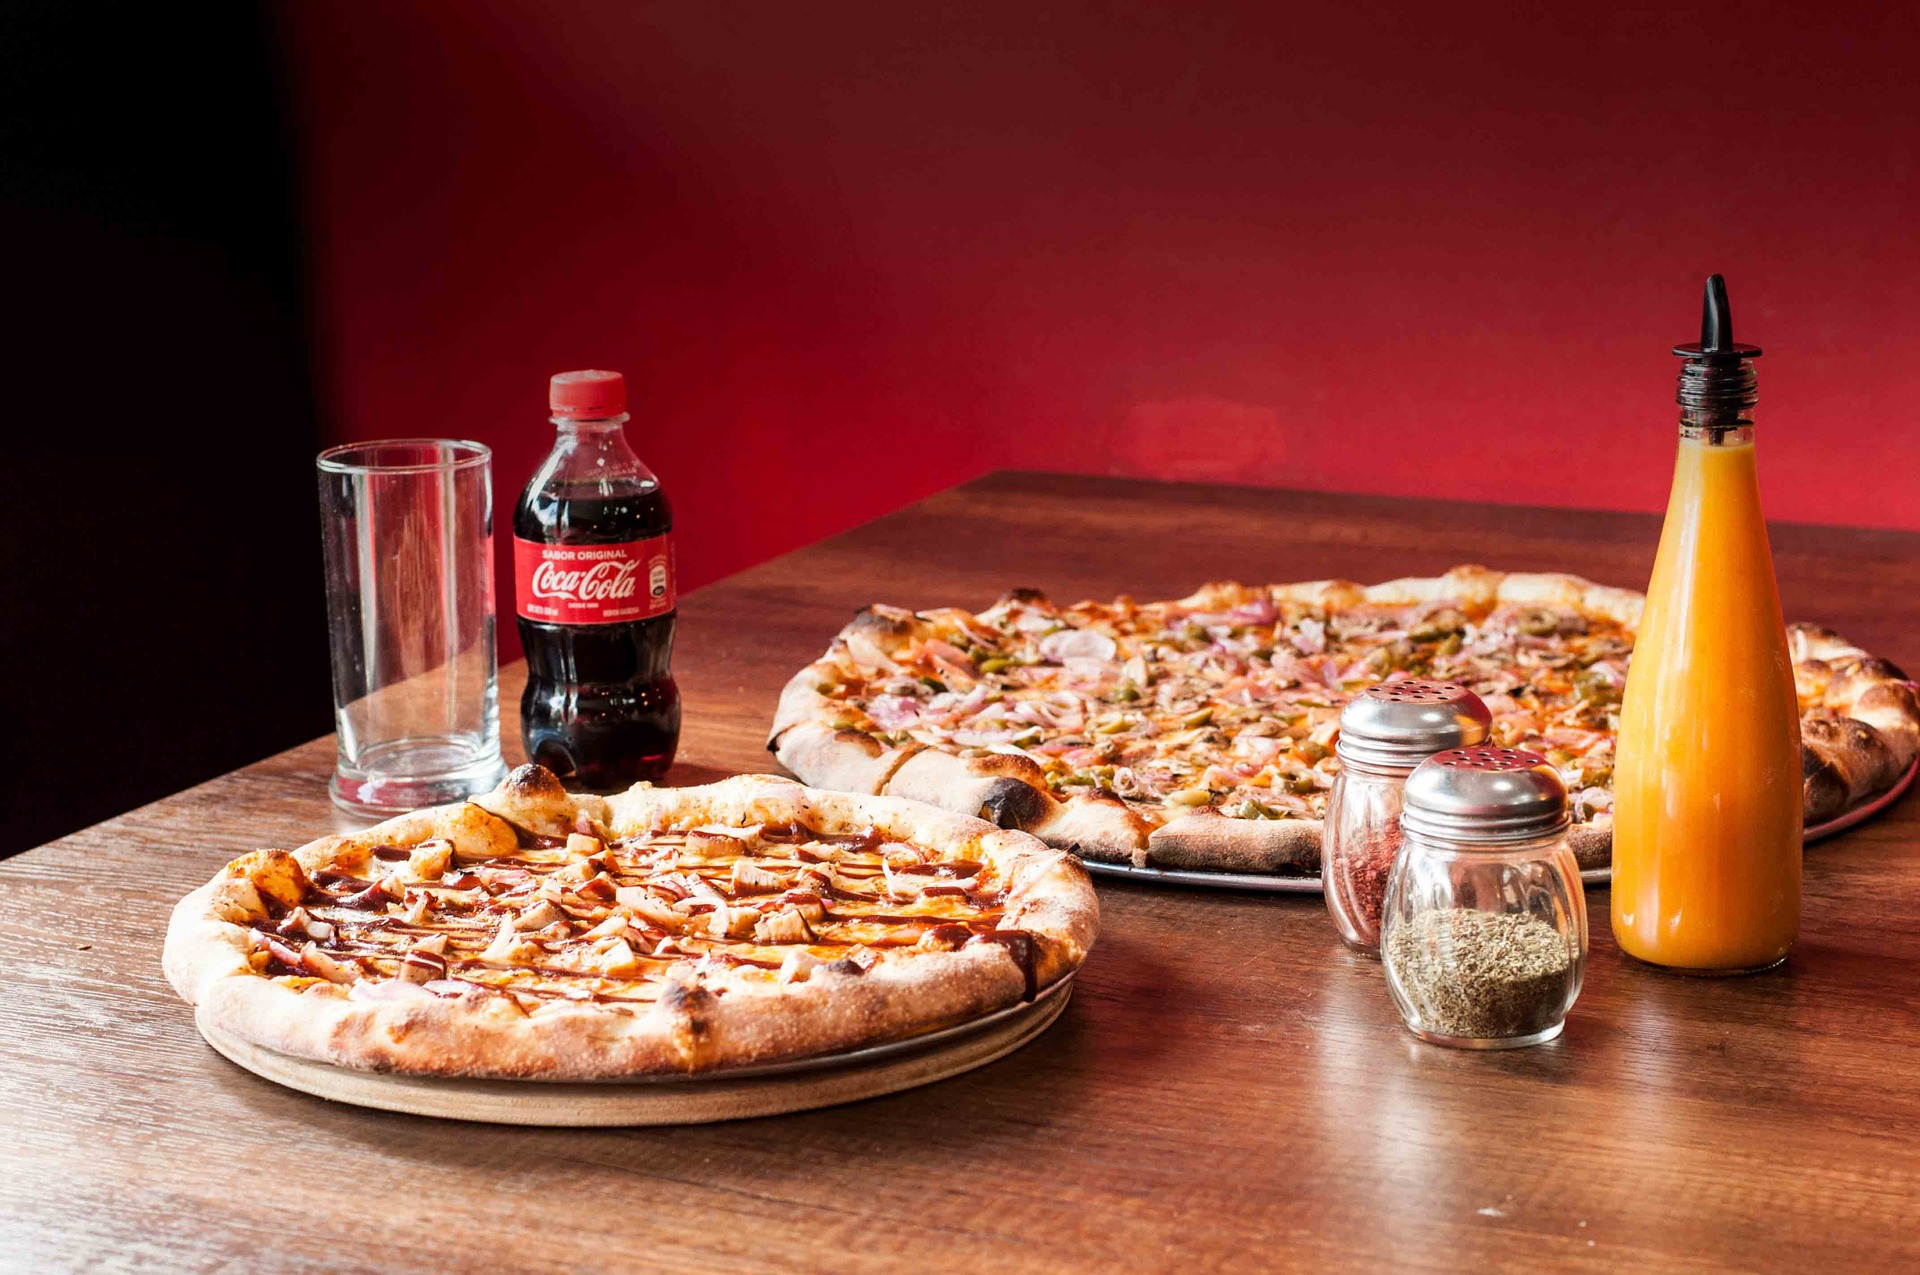 ピザ太る 油分 脂質